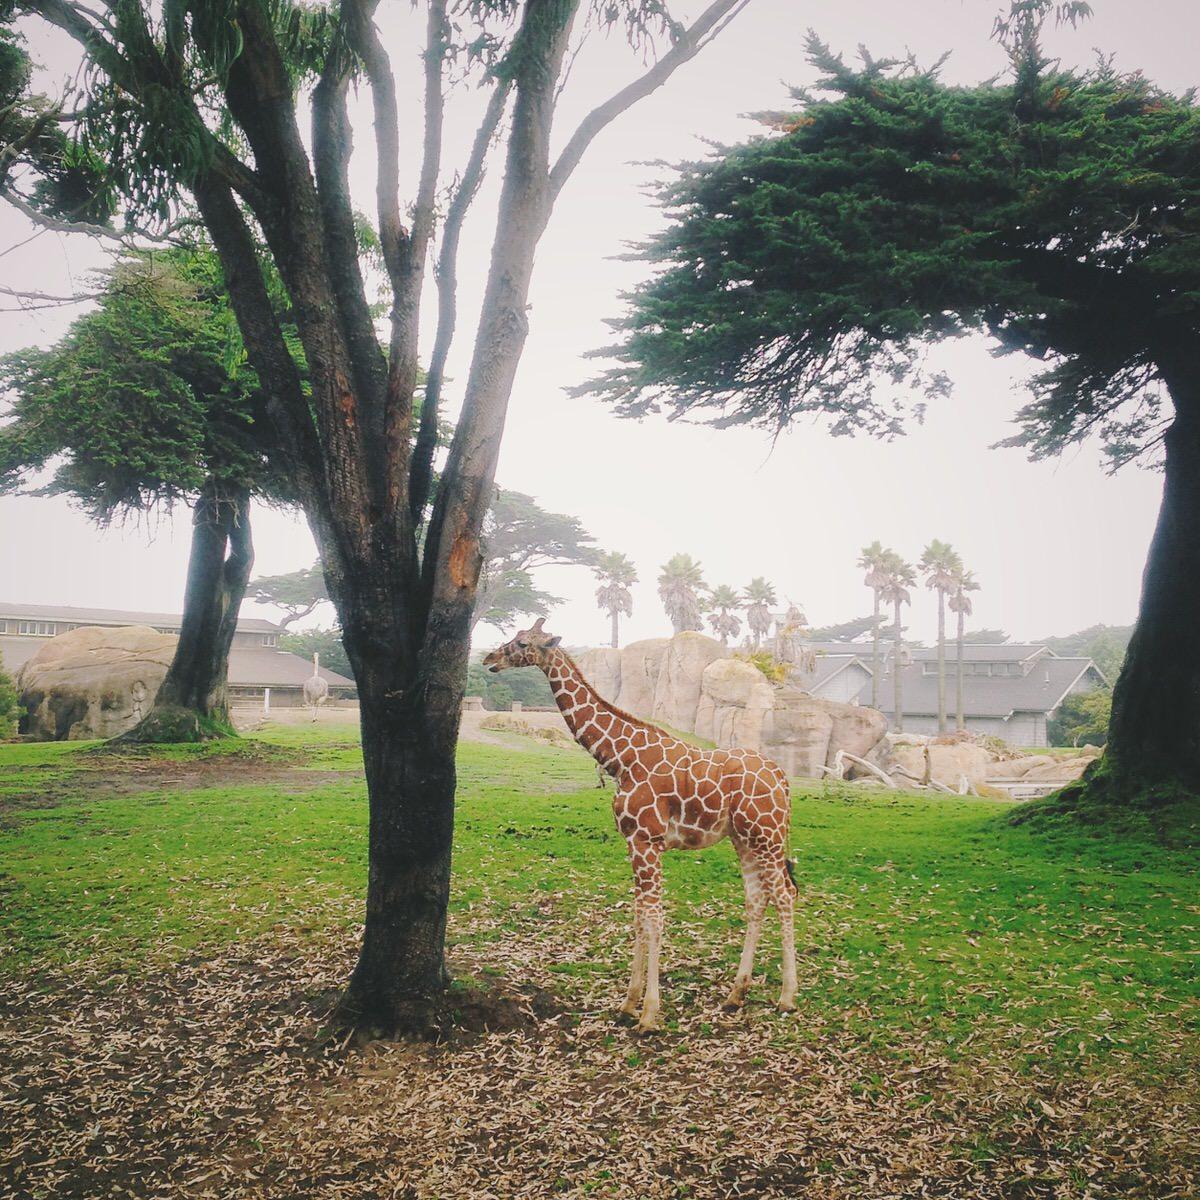 San Francisco Zoo, San Francisco, California